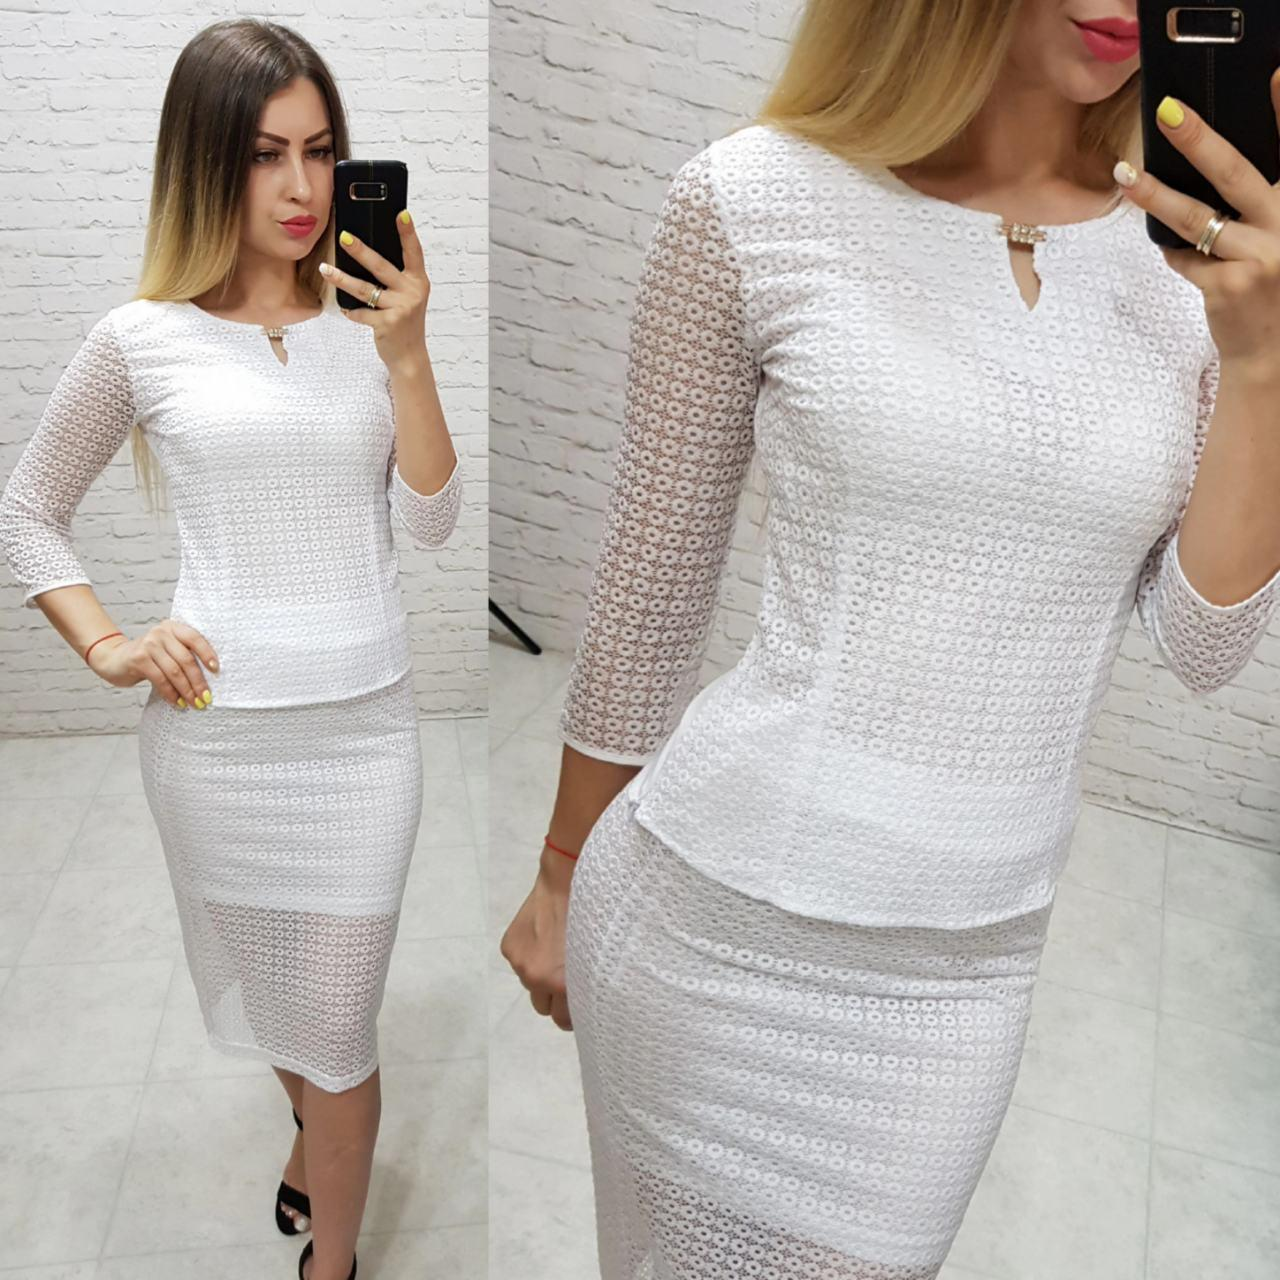 Костюм двойка (арт. 814/2 + 122) женский блука + юбка нарядный белый / белого цвета